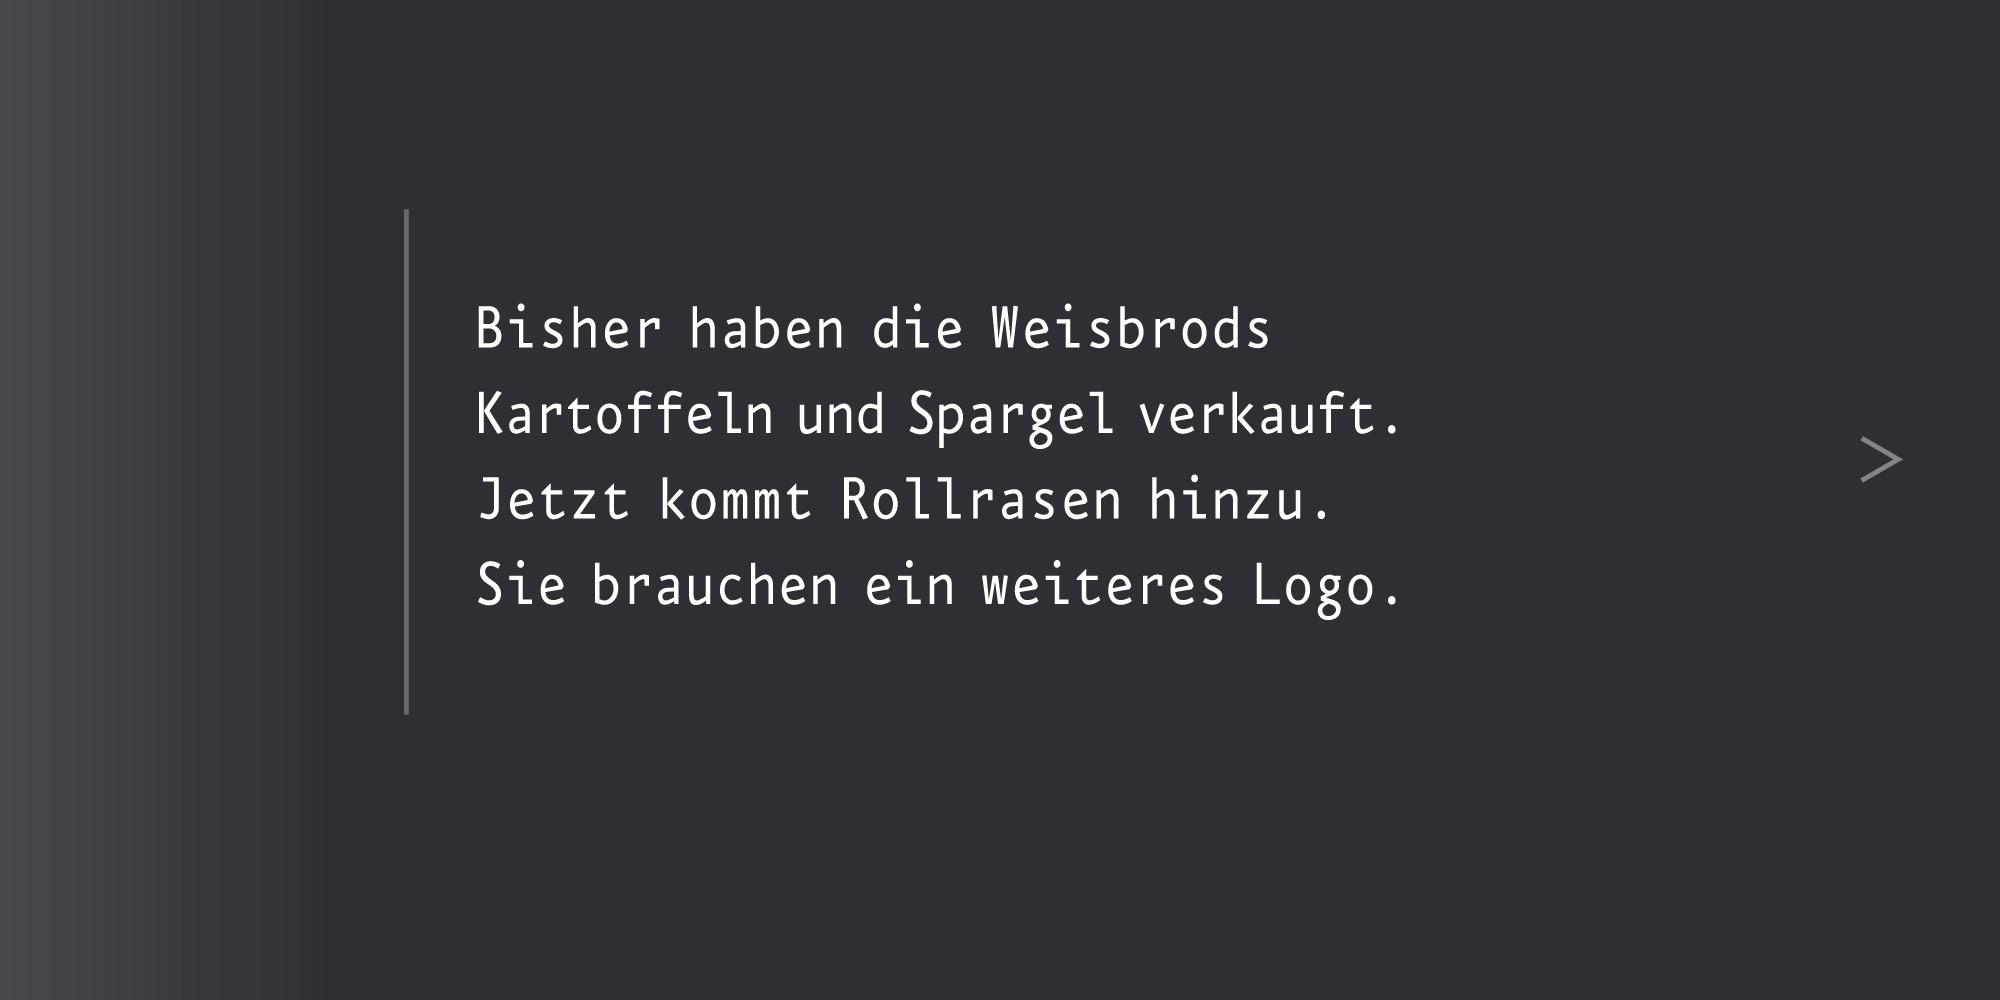 Marken-System Weisbrods neues Logo entwickeln